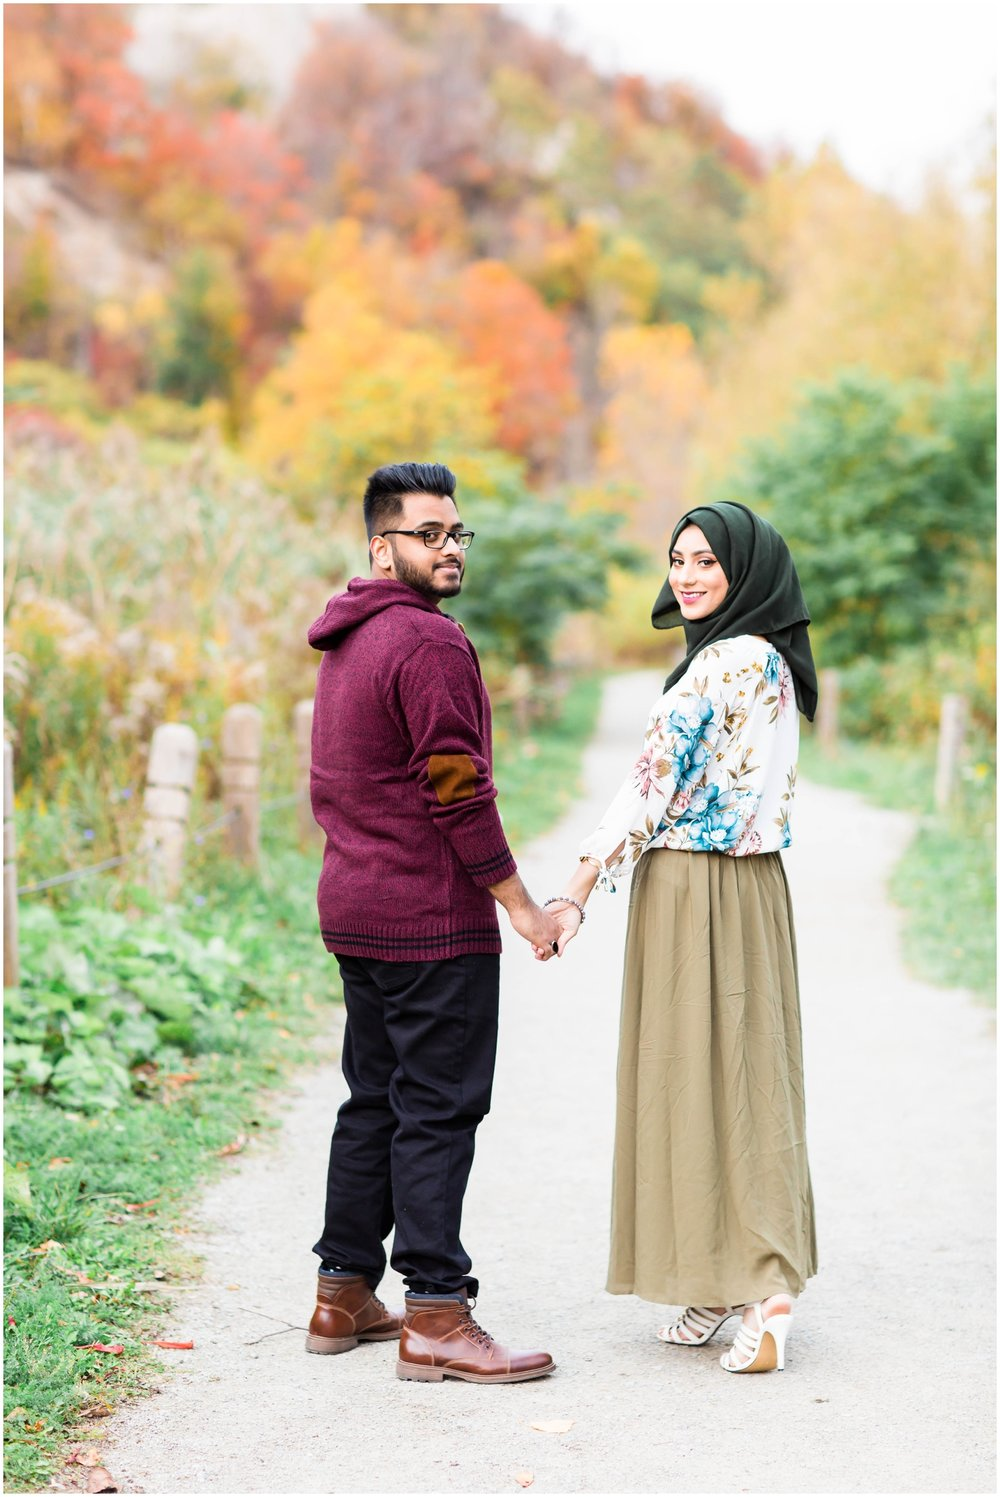 2017-Engagements-Toronto-Mississauga-GTA-Pakistani-Indian-Wedding-Photography-Photographer_0024.jpg